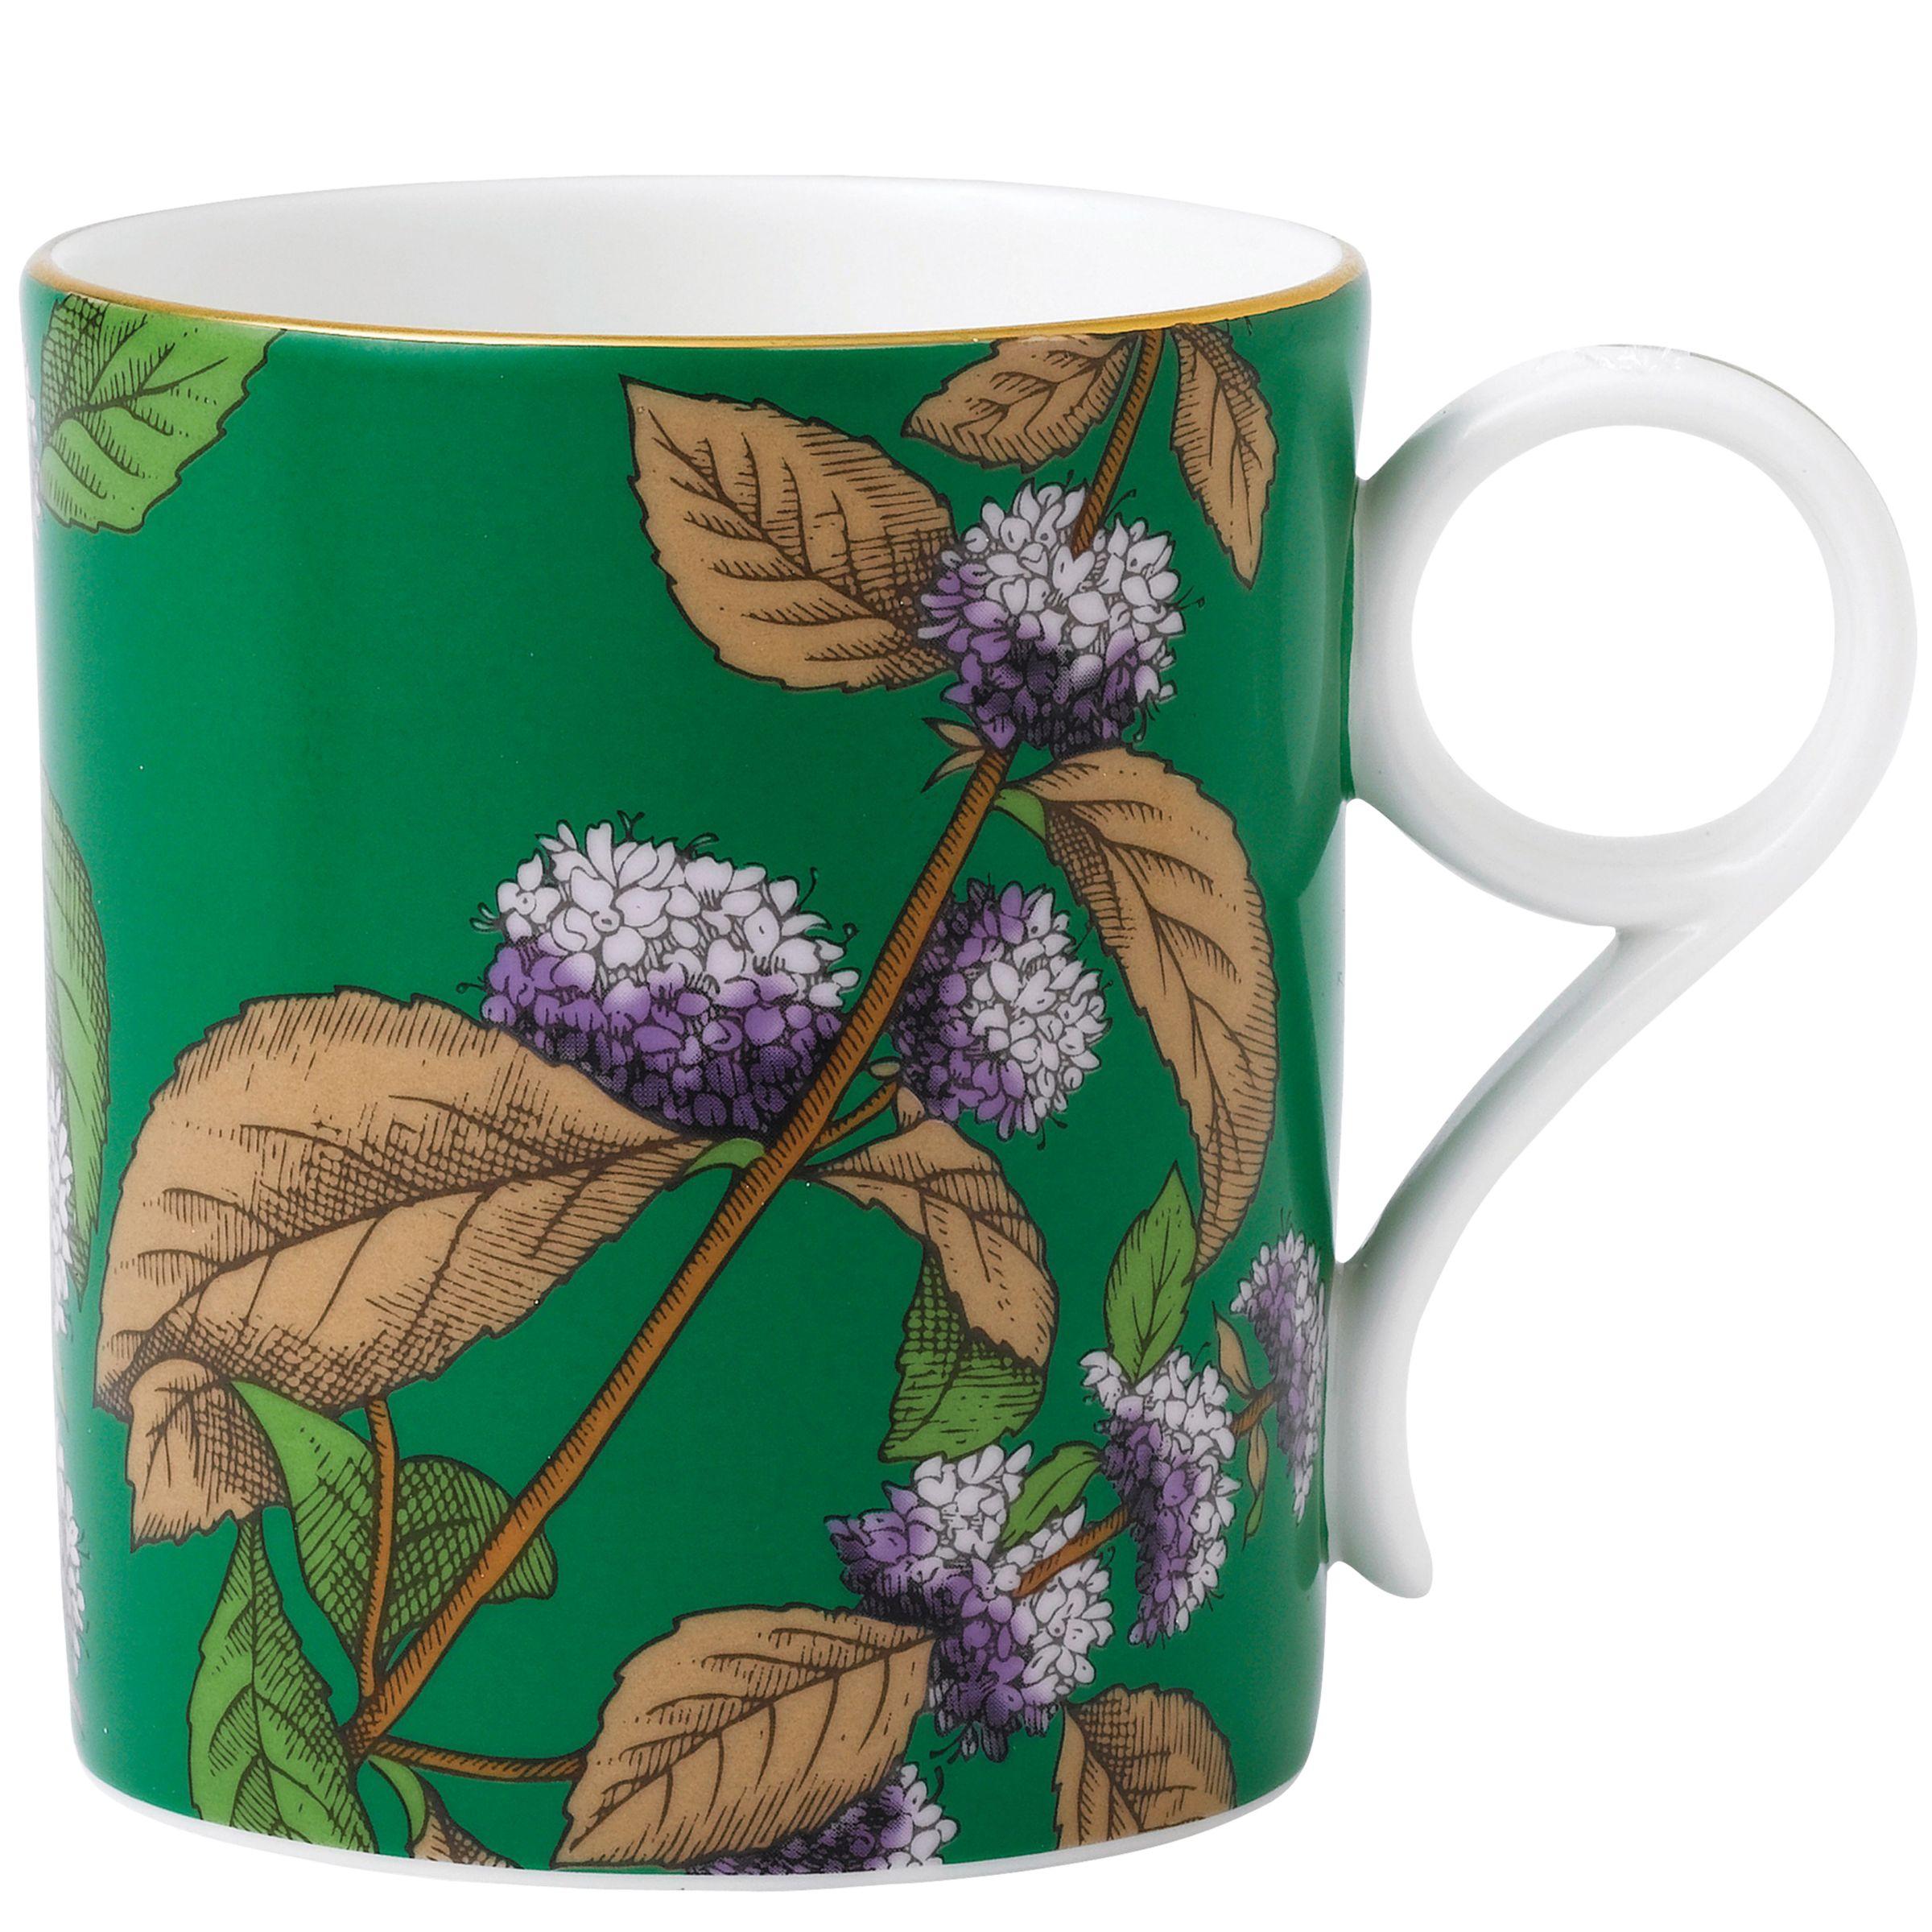 Wedgwood Wedgwood Tea Garden Green Tea & Mint Mug